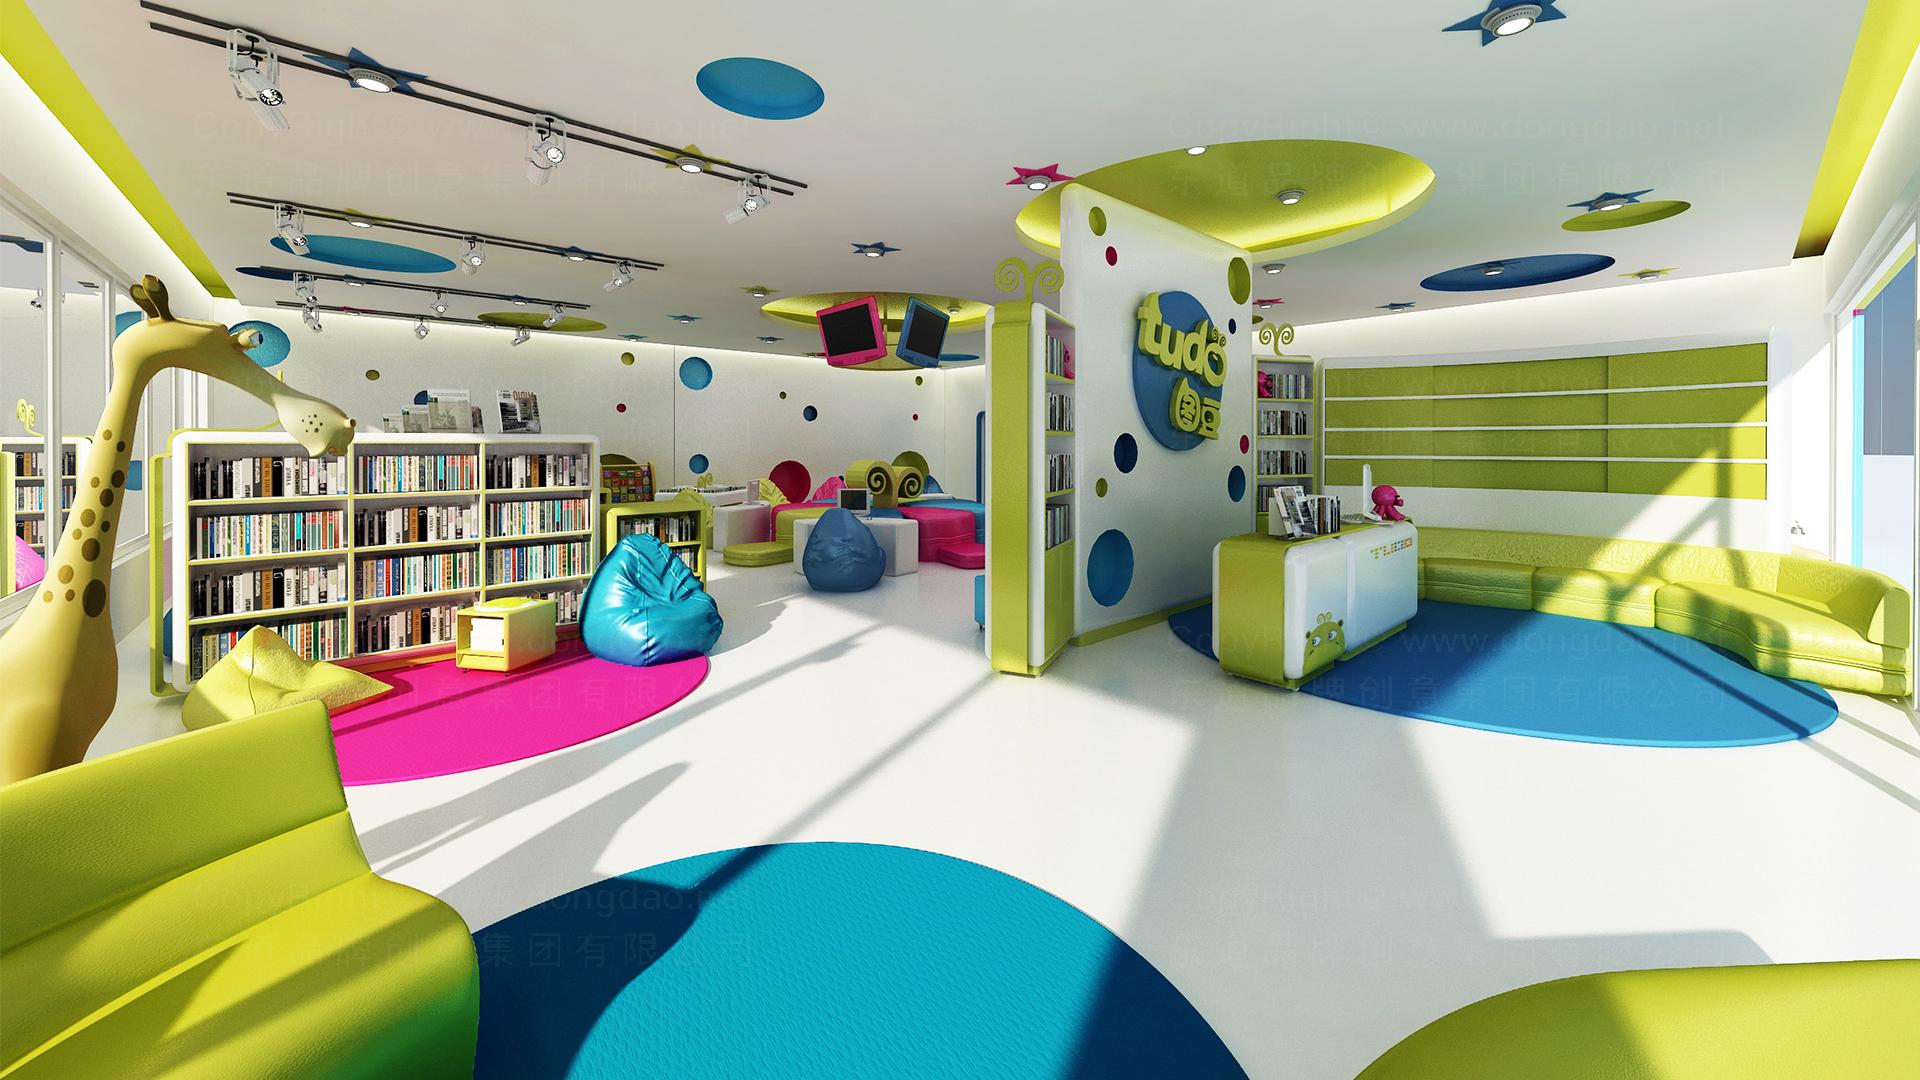 图豆图书馆图书馆终端SI设计应用场景